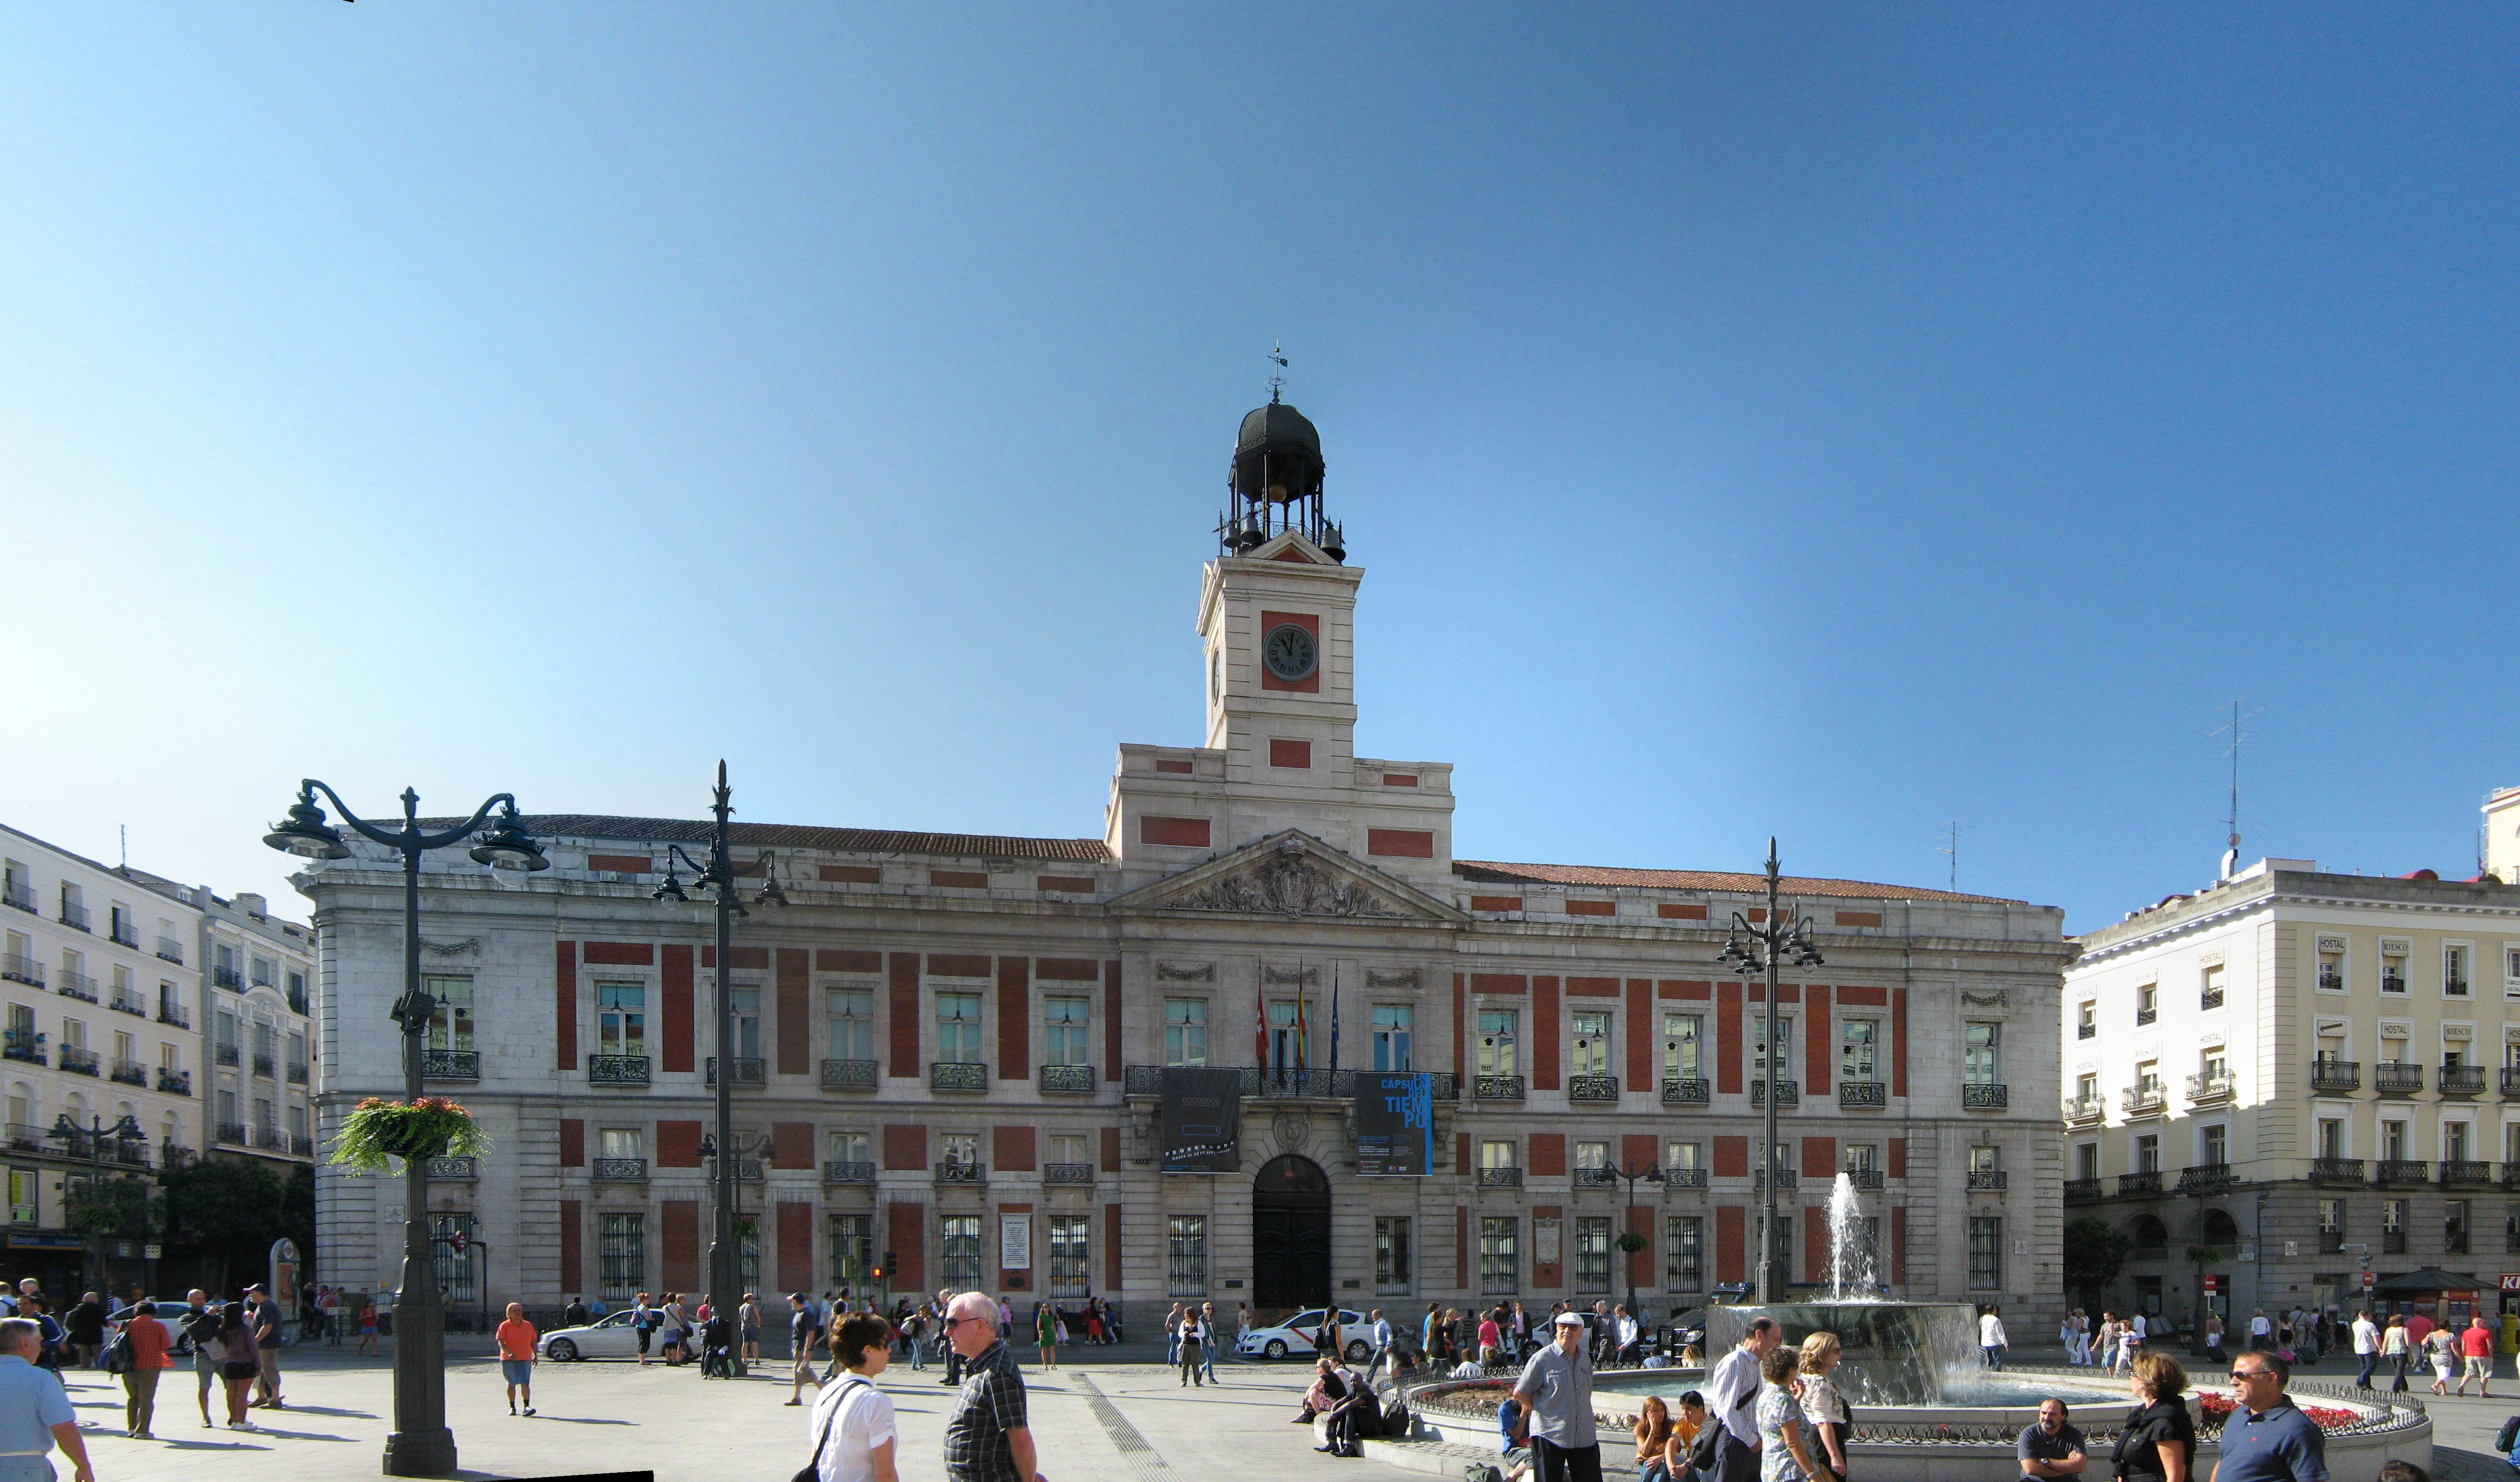 Index of panorama for Puerta de sol madrid